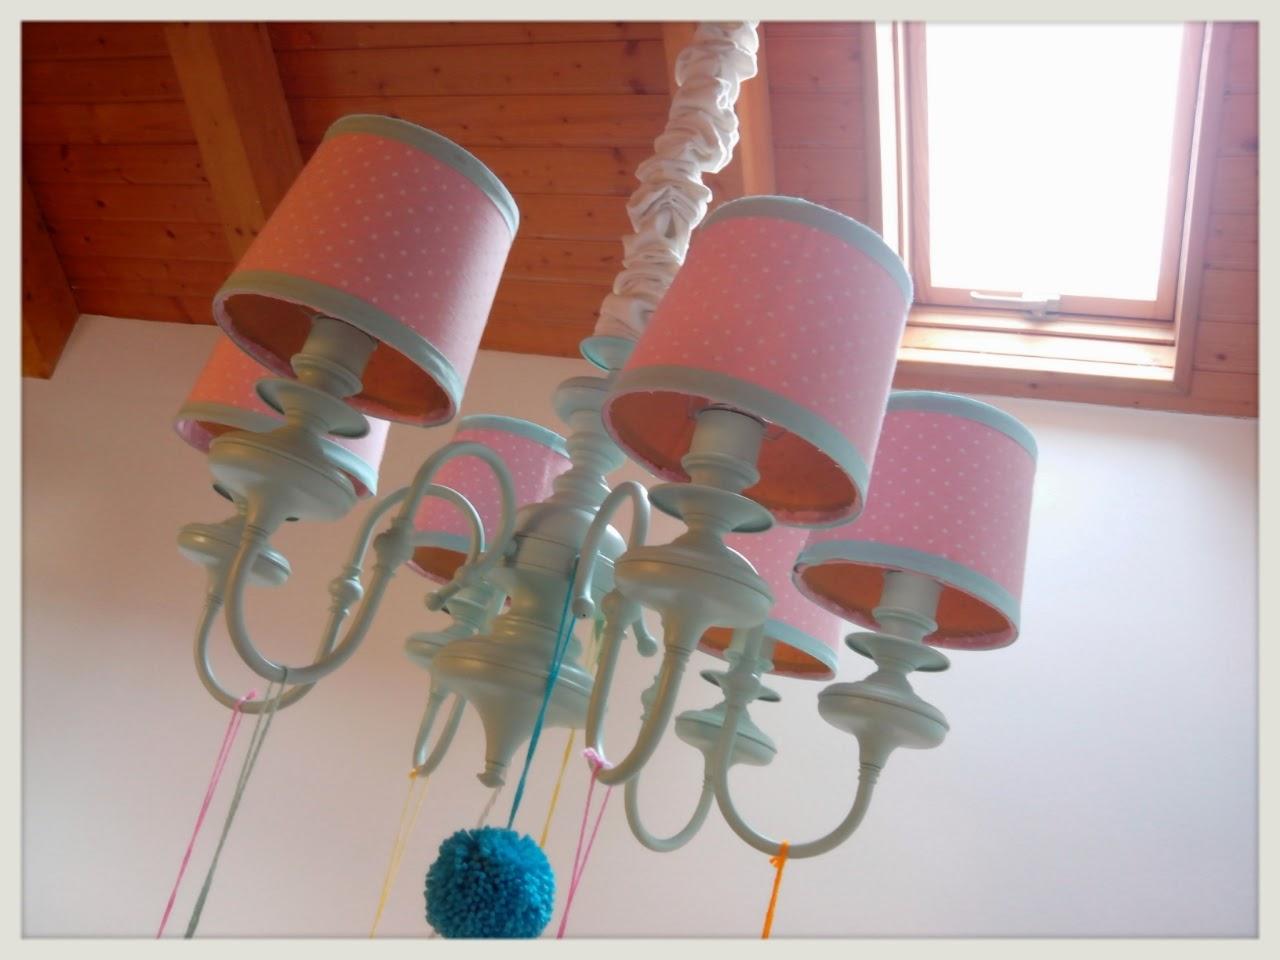 Sisters and dresses lampara reciclada v - Lamparas para buhardillas ...